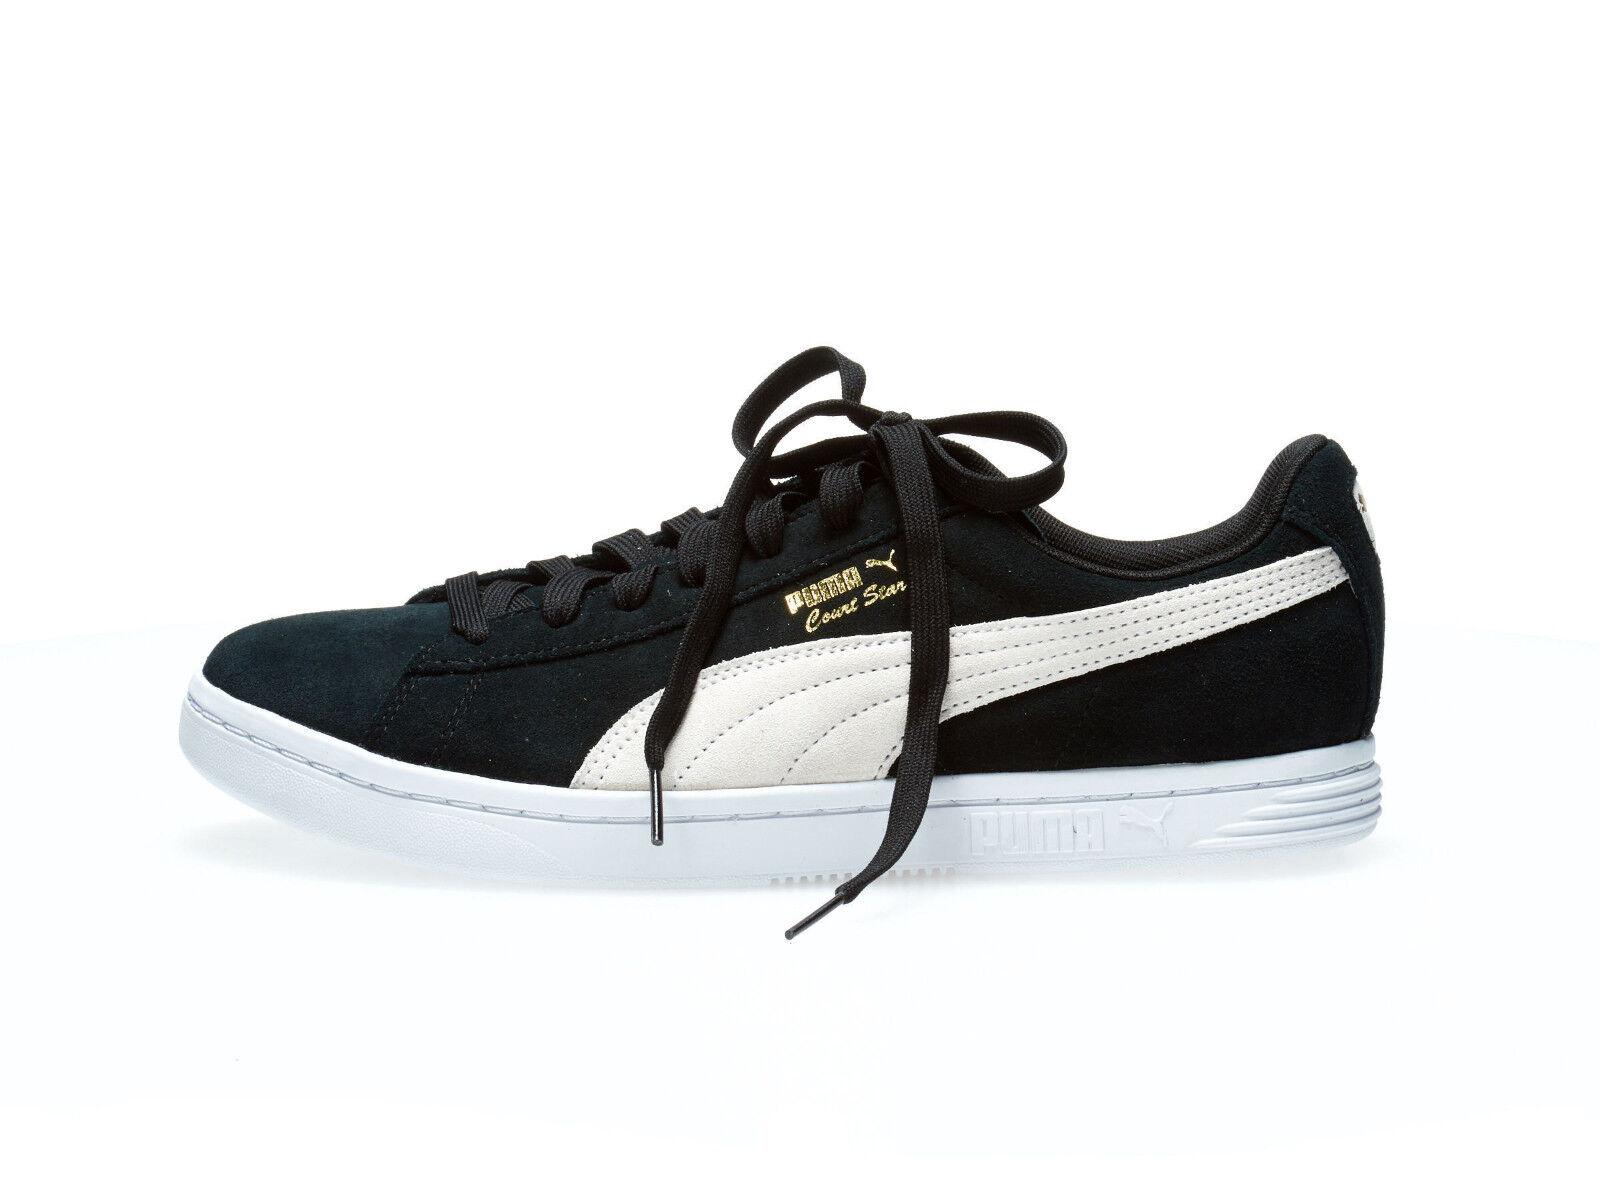 3803686e ... australia puma blanco court star suede negro blanco puma oro hombre  casuales zapatos zapatillas 364621 01